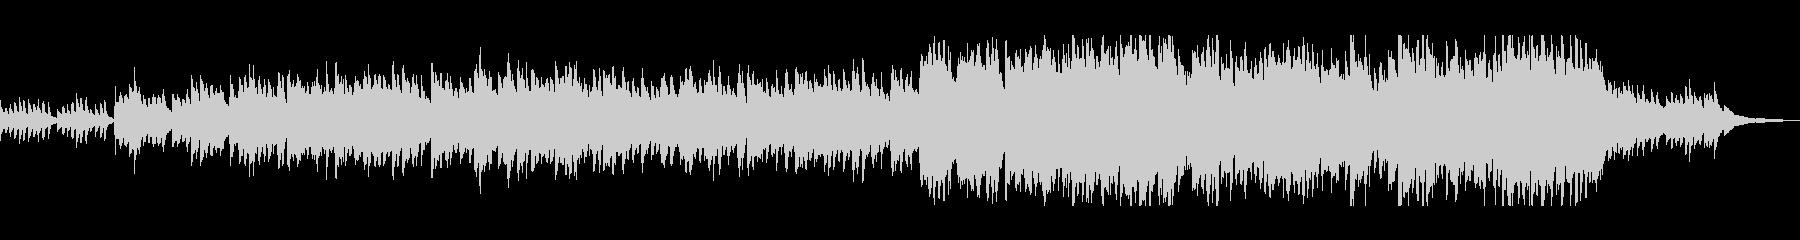 ピアノとオーケストラのサウンドトラックの未再生の波形